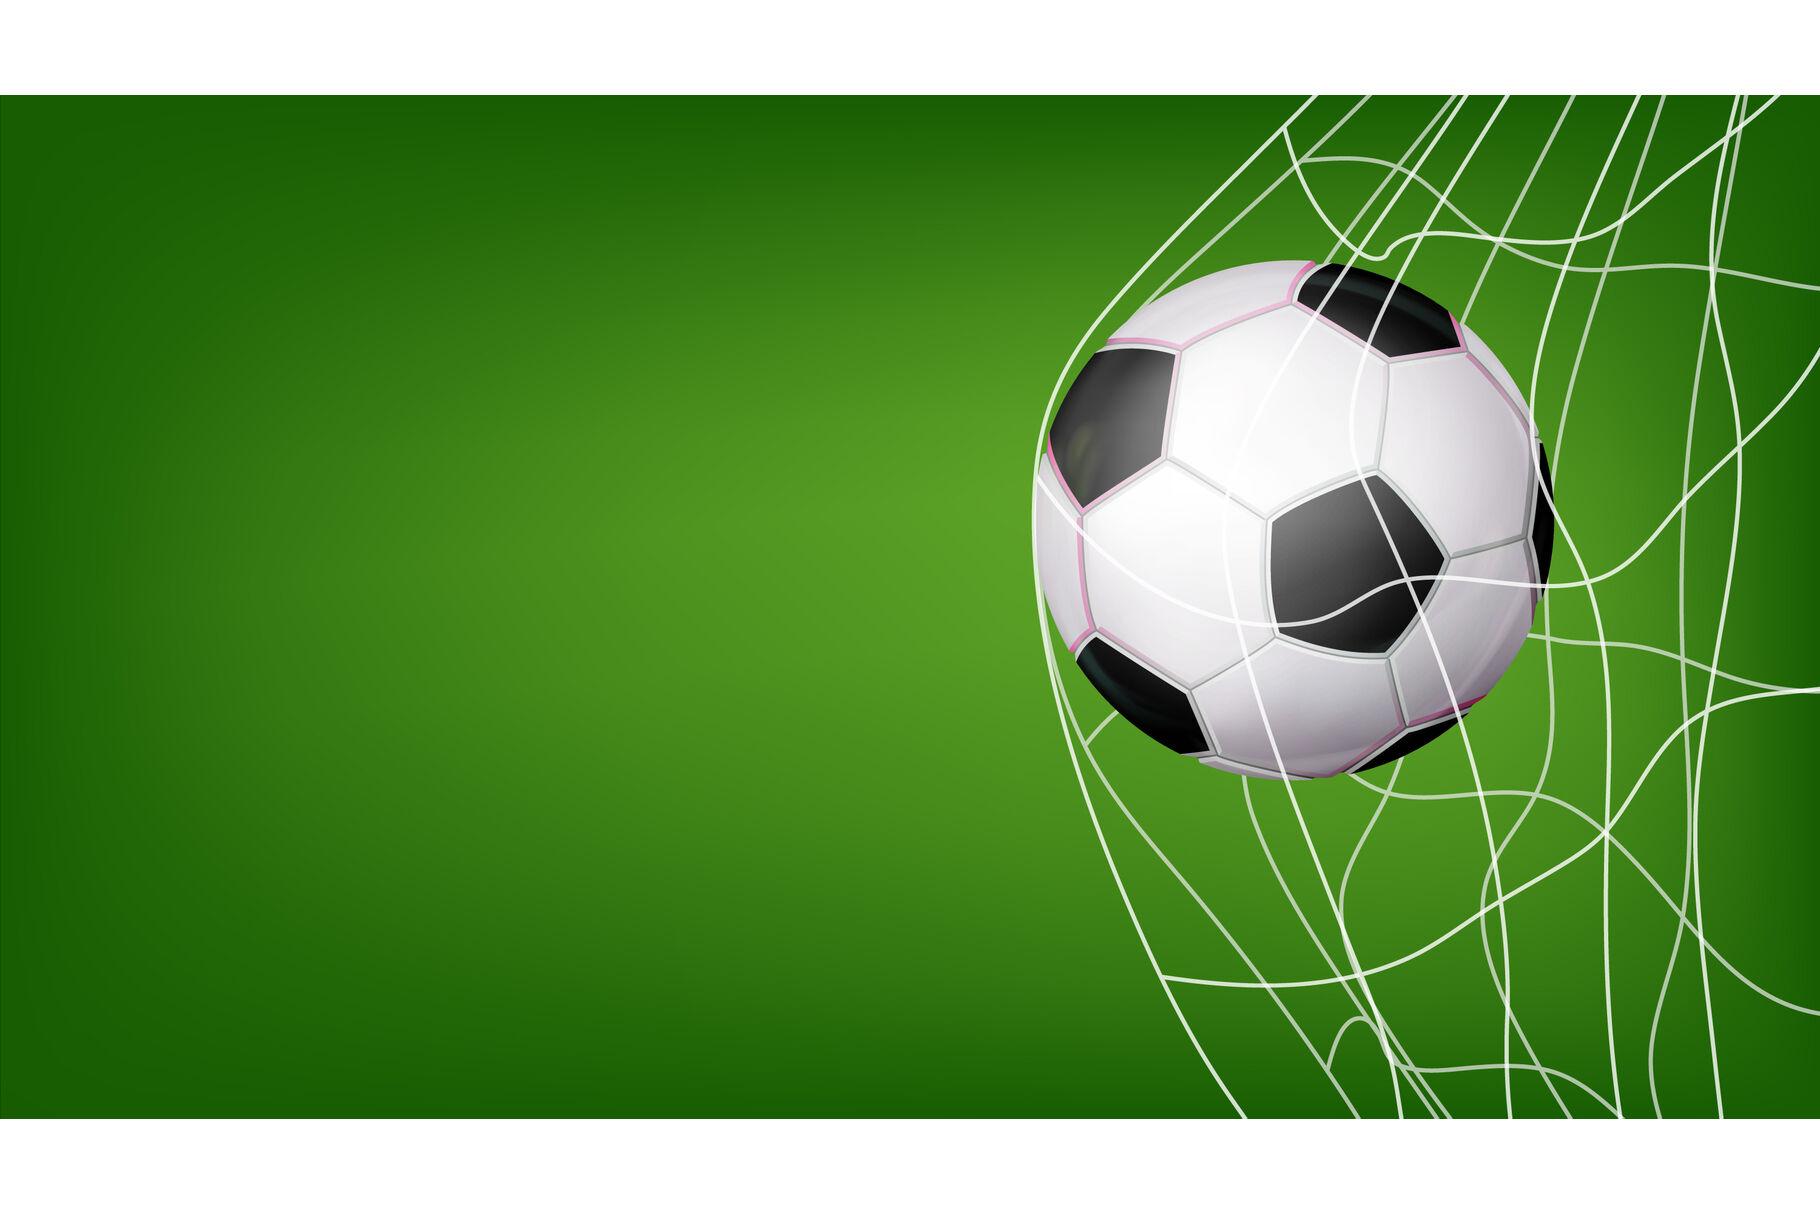 soccer ball in net vector hitting goal invitation sport